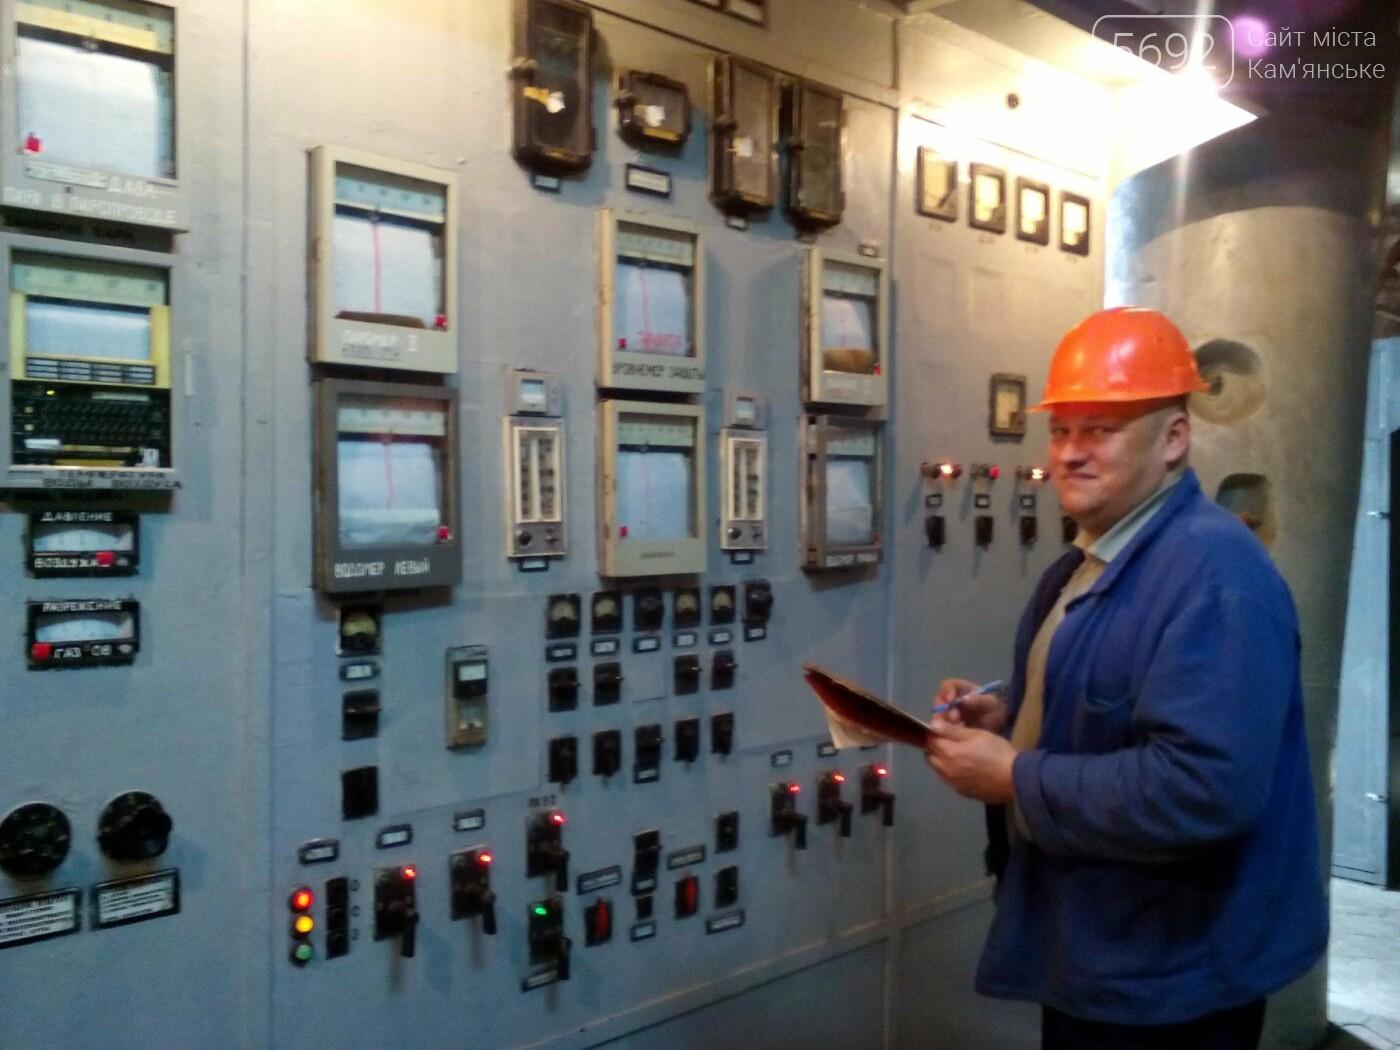 Централизованное отопление в Каменском: быть или не быть, фото-6